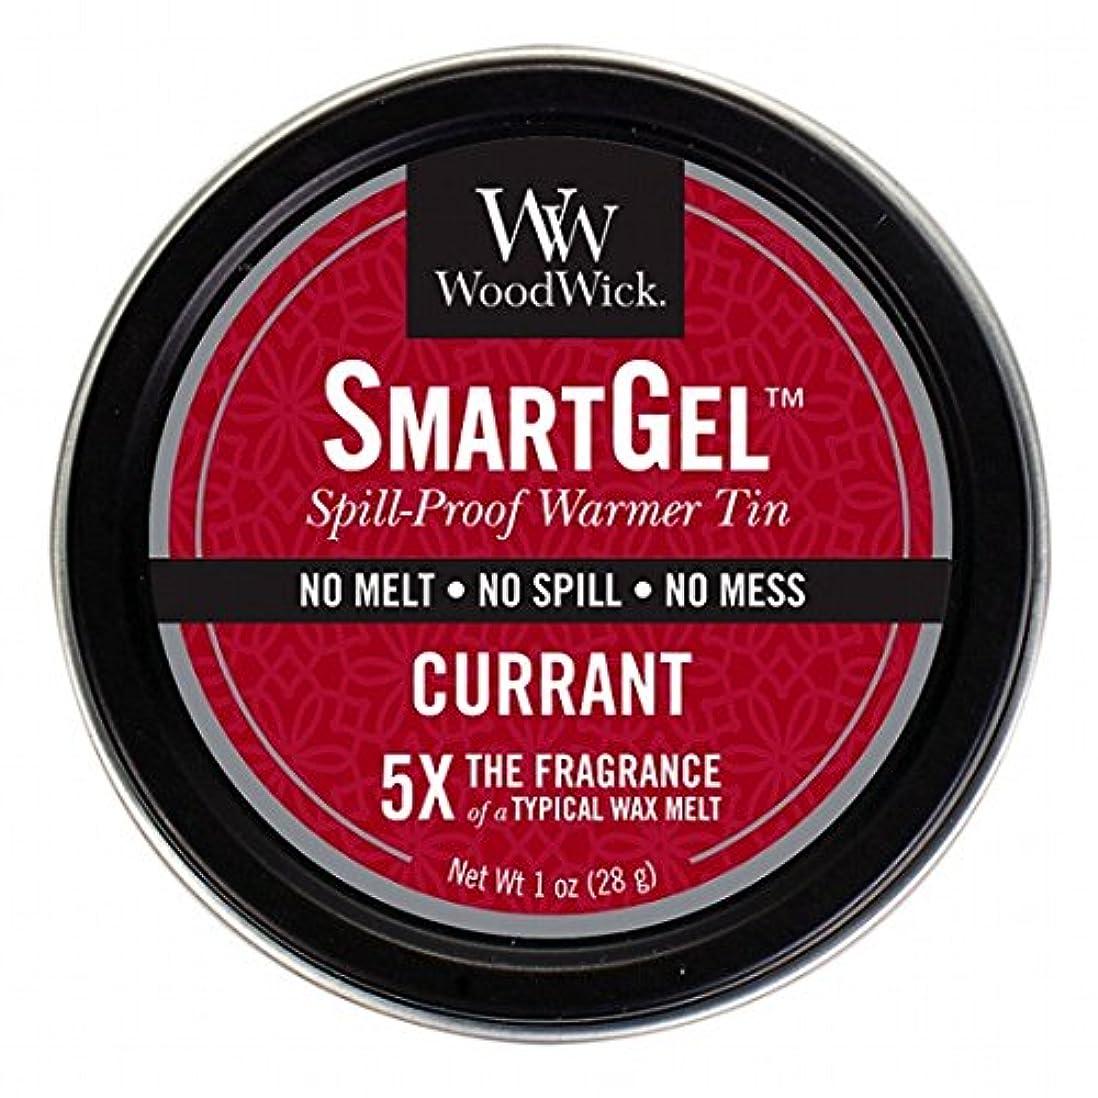 タックル放つ国際WoodWick(ウッドウィック) Wood Wickスマートジェル 「 カラント 」W9630520(W9630520)